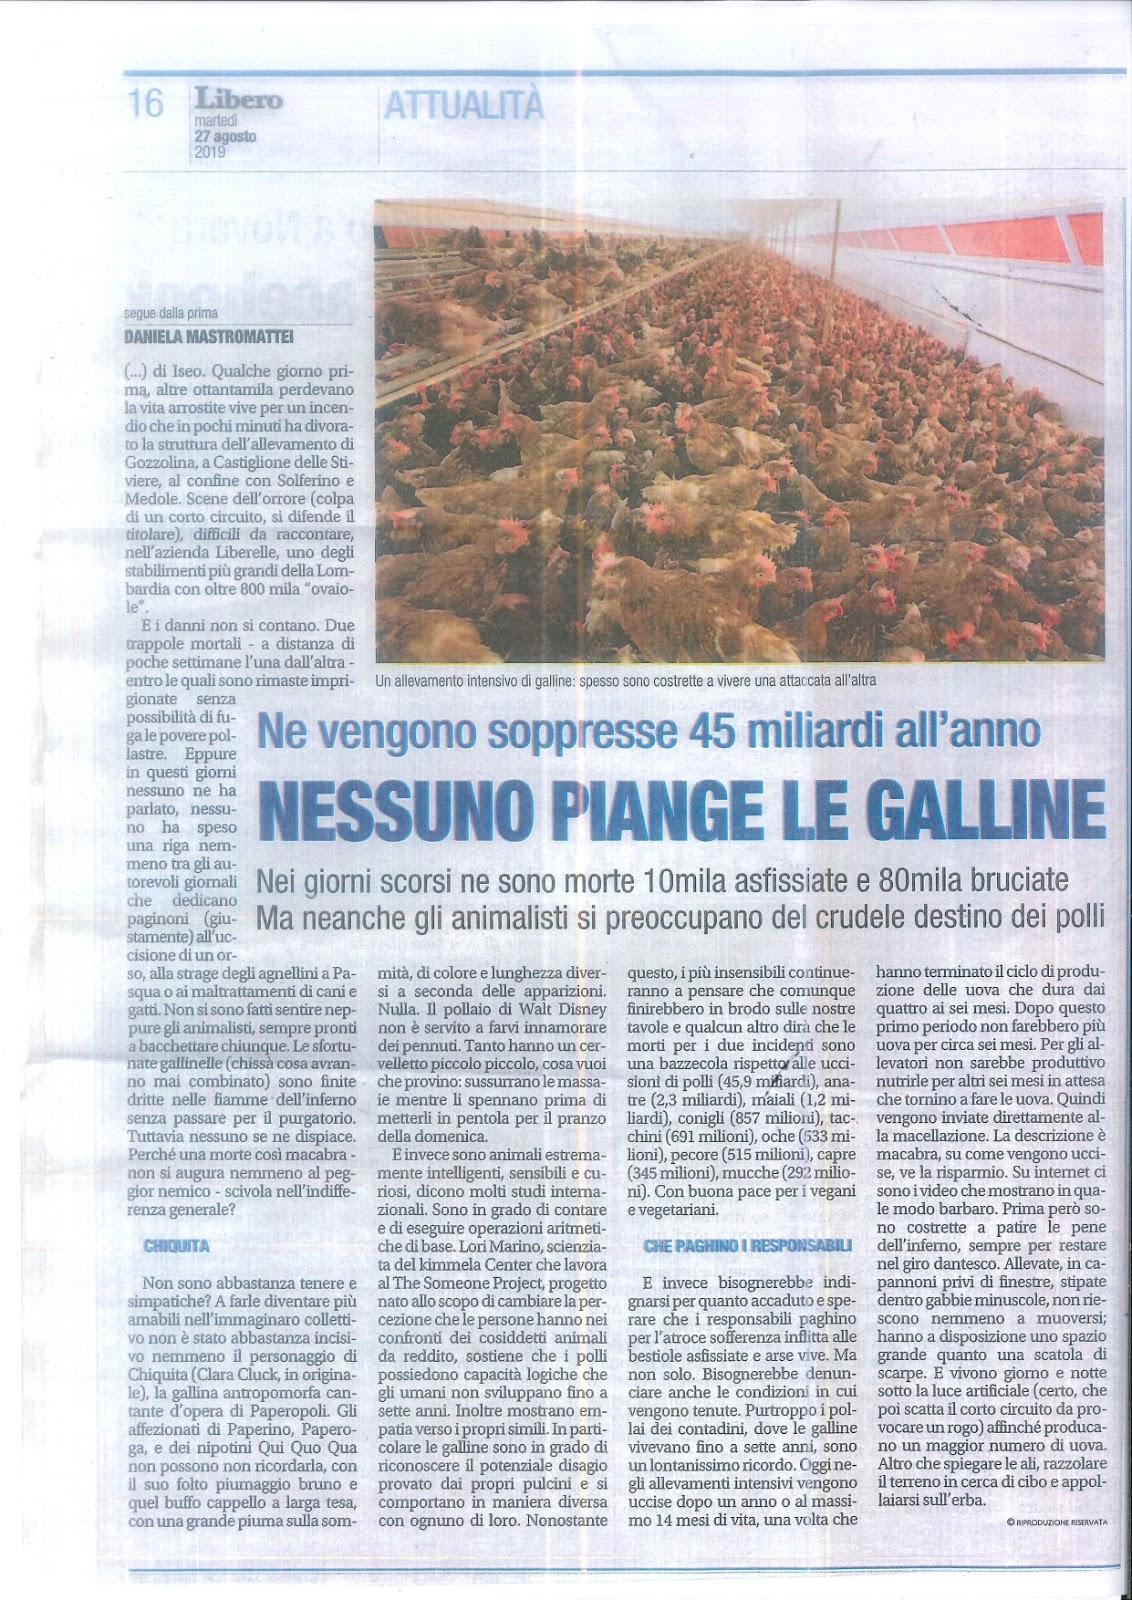 NESSUNO PIANGE LE GALLINE